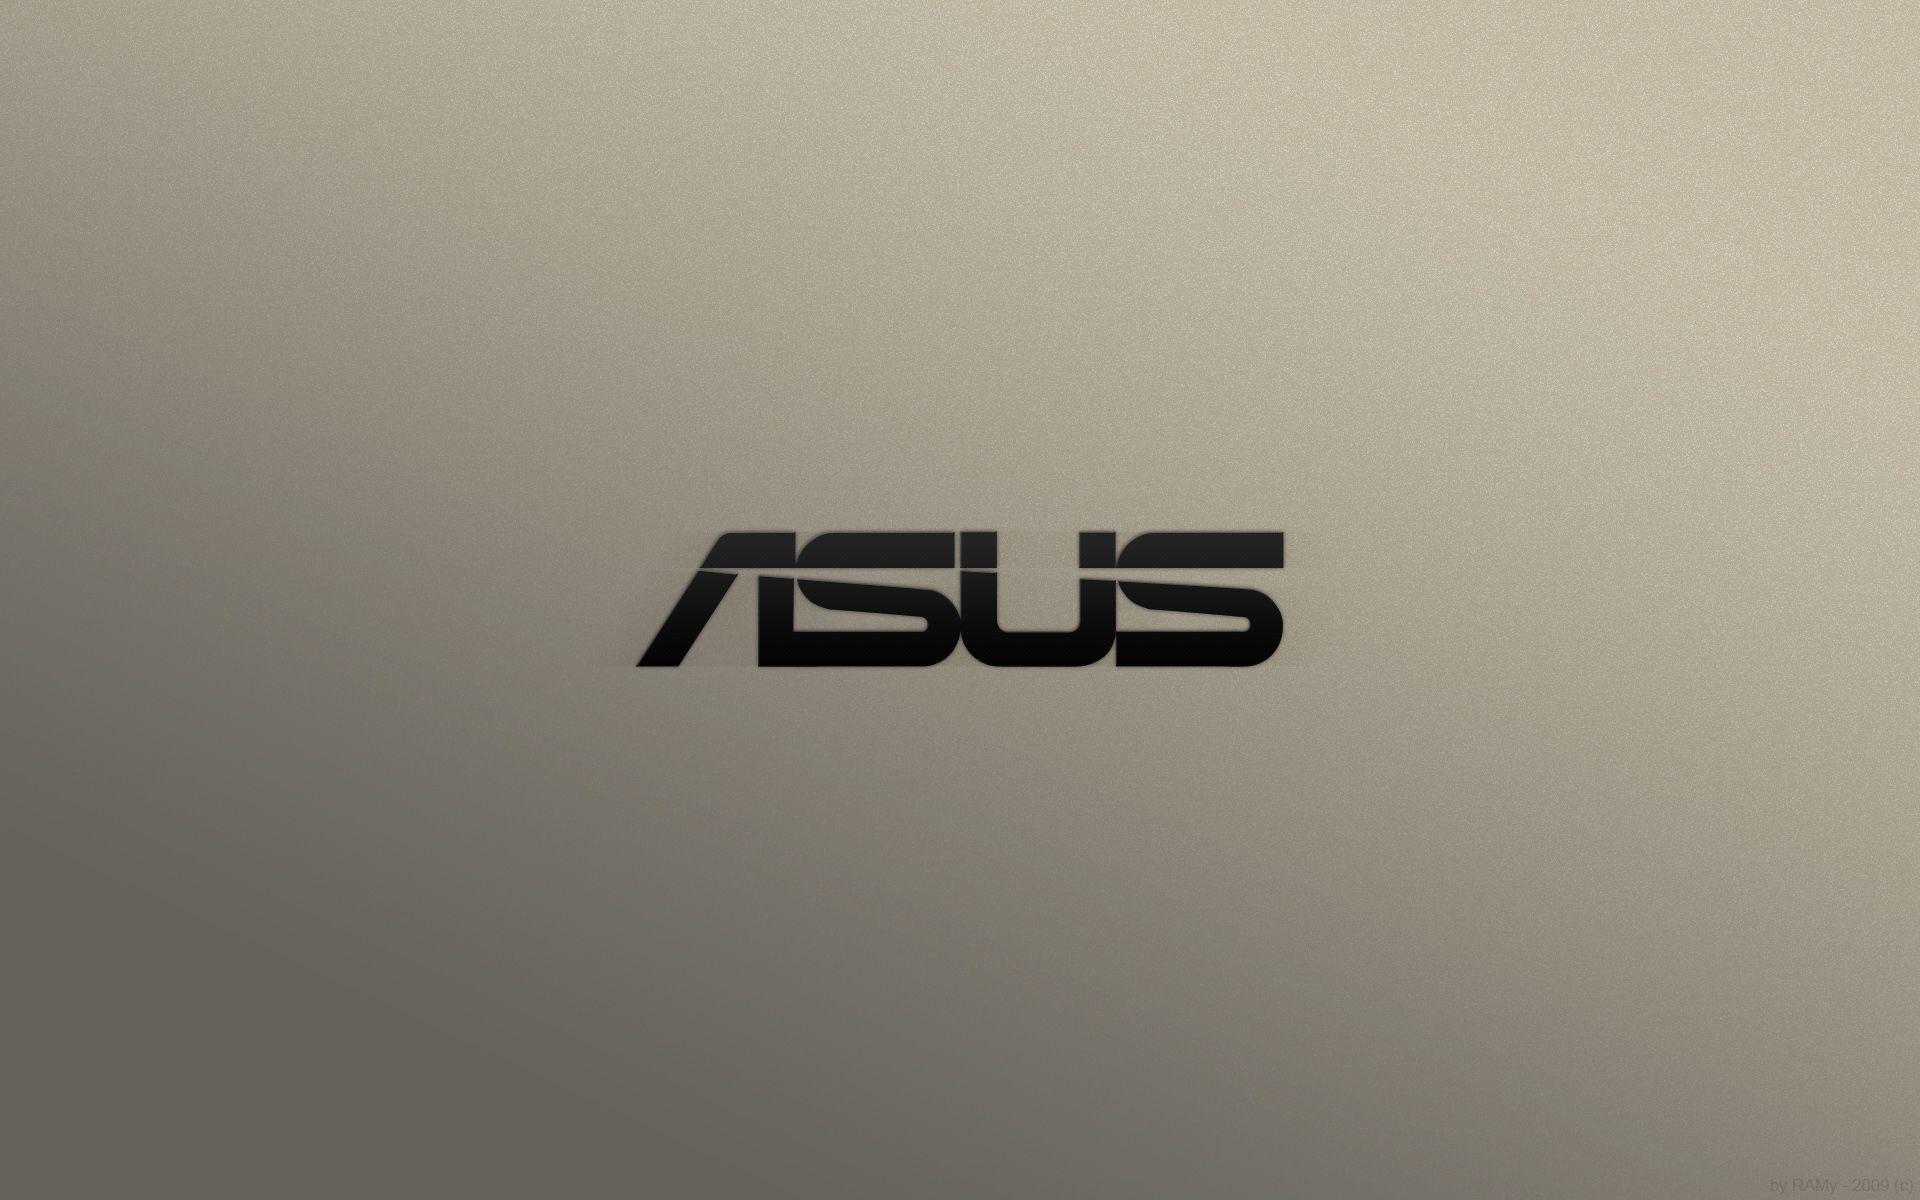 Asus Wallpapers Hd 1080p Wallpaper Cave